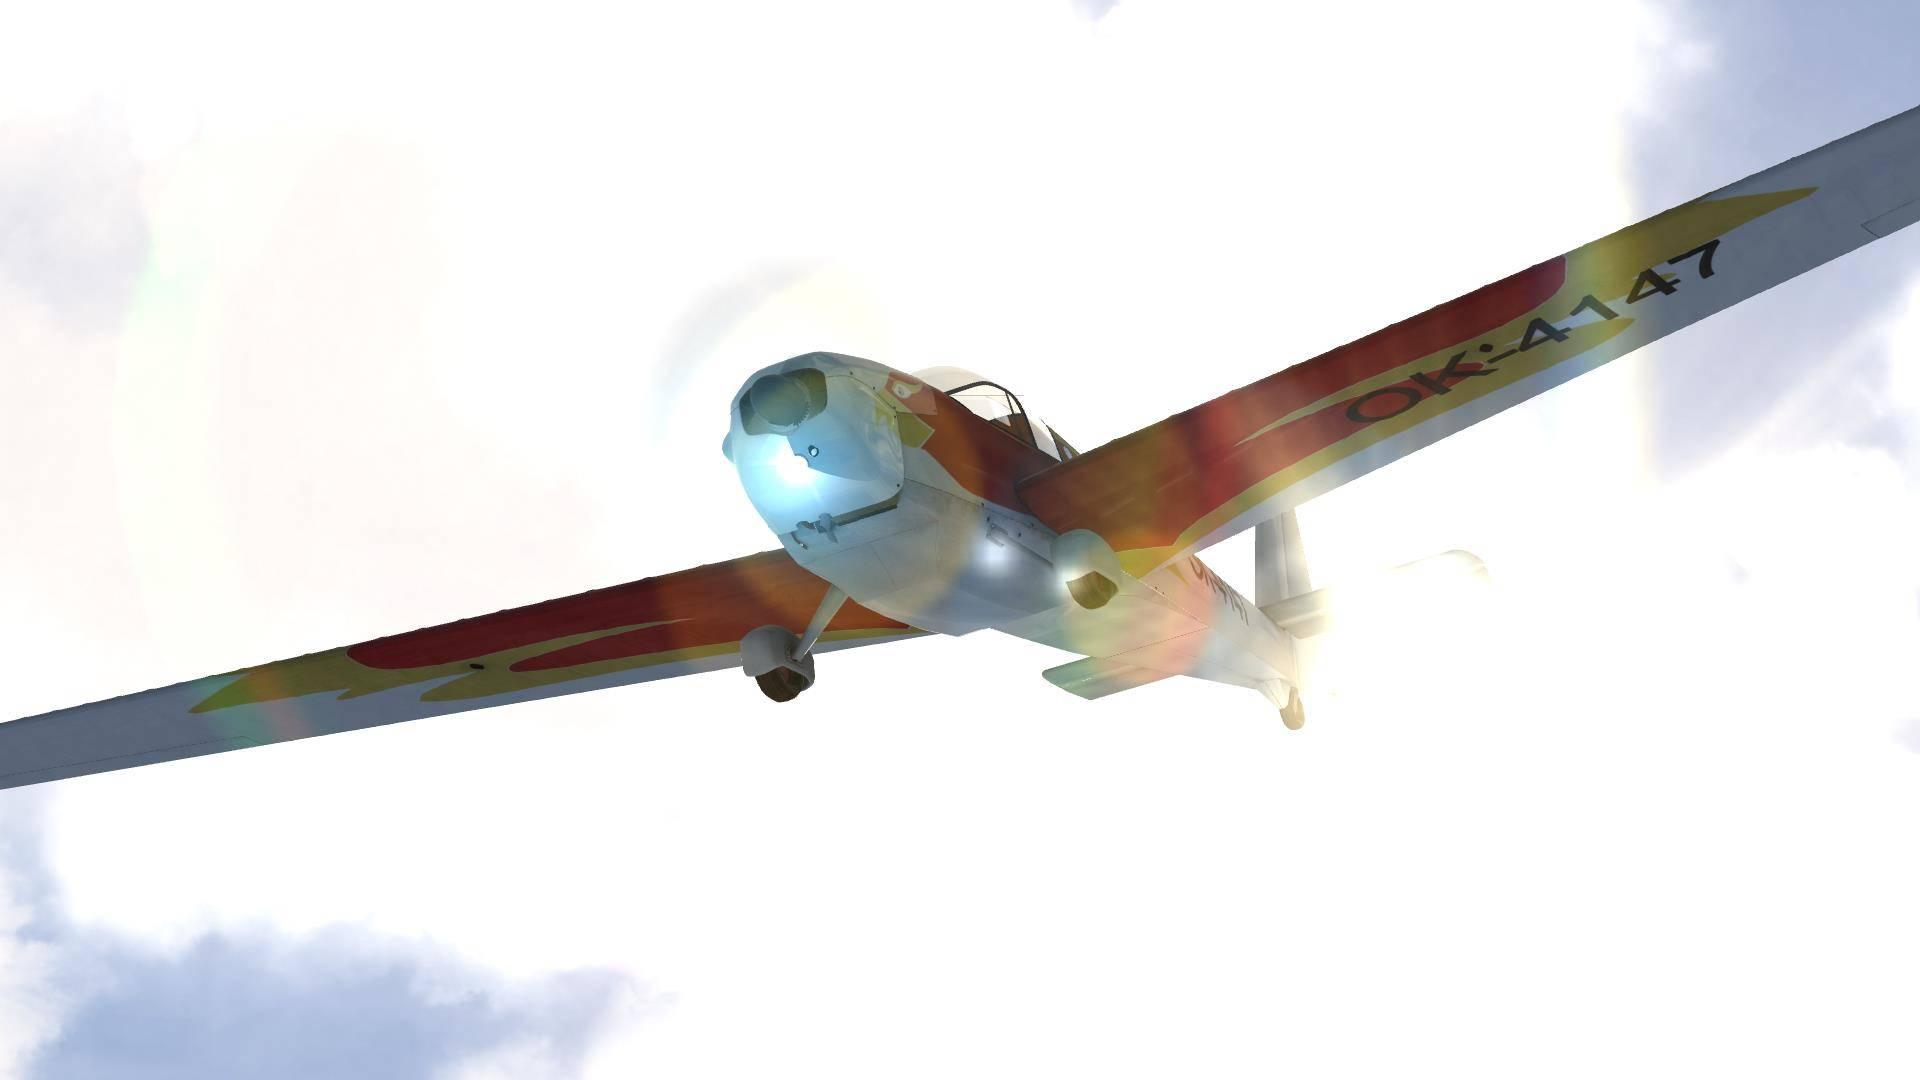 Aerofly fs keygen free